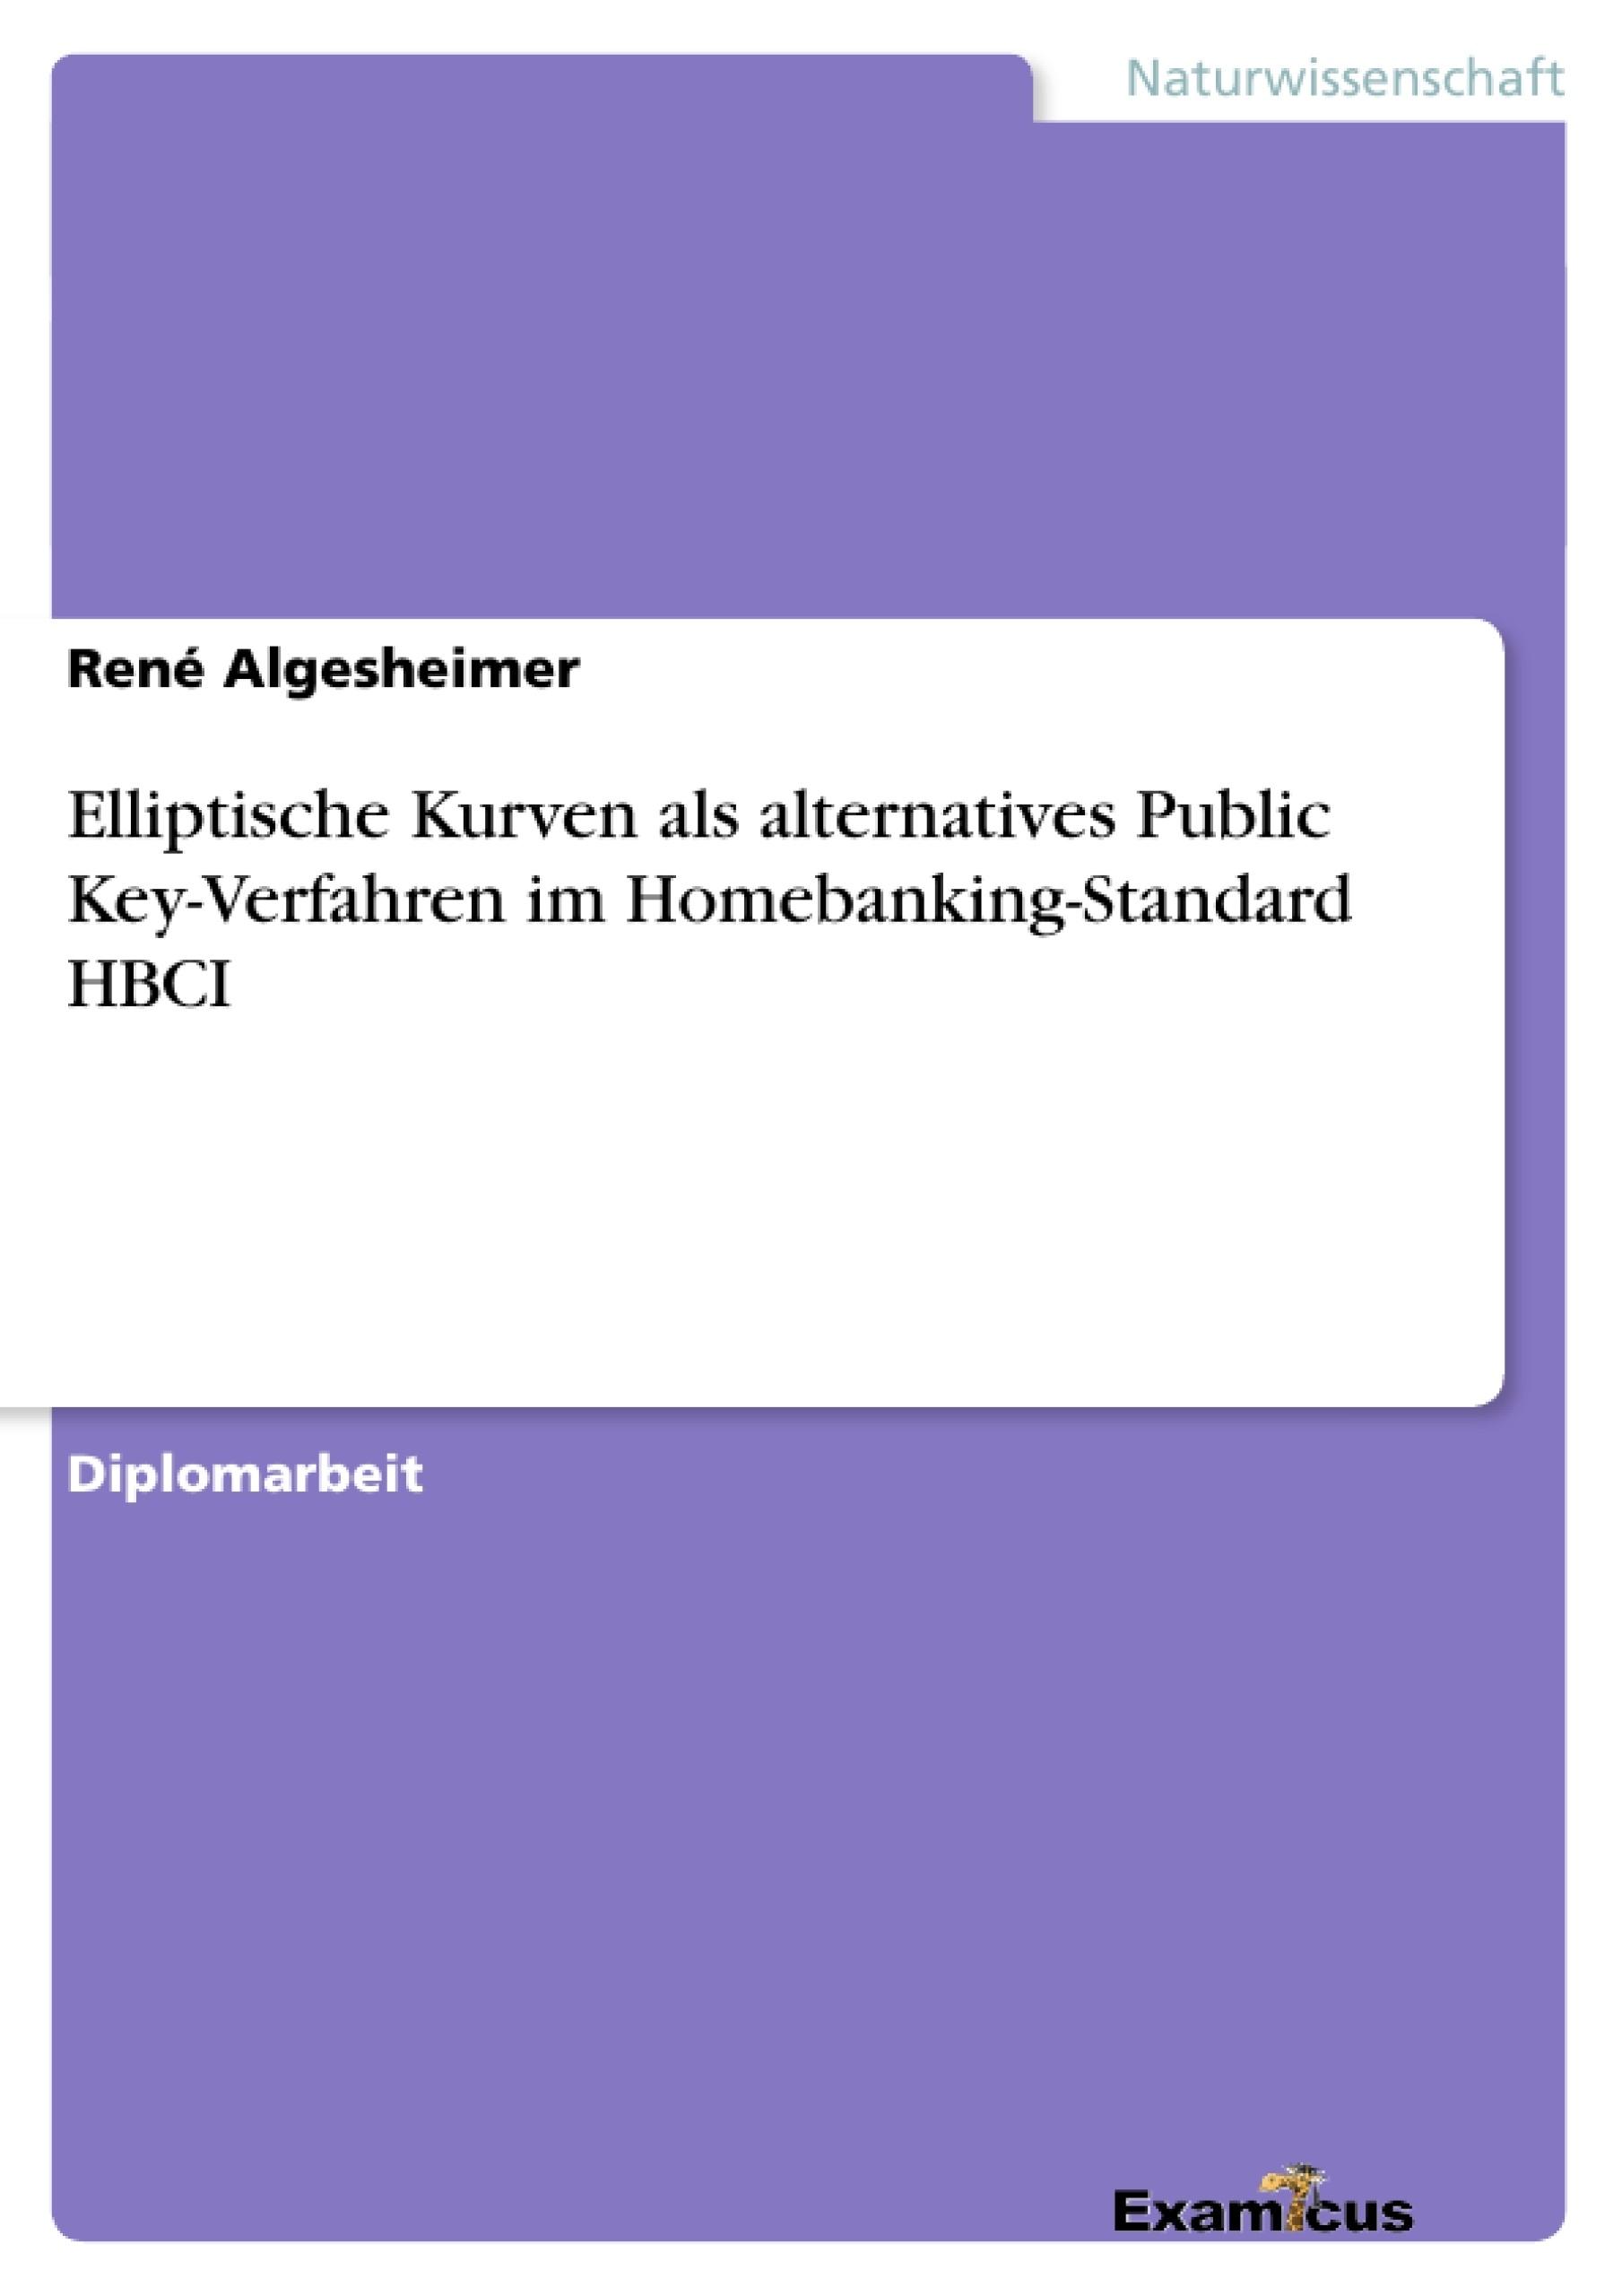 Titel: Elliptische Kurven als alternatives Public Key-Verfahren im Homebanking-Standard HBCI